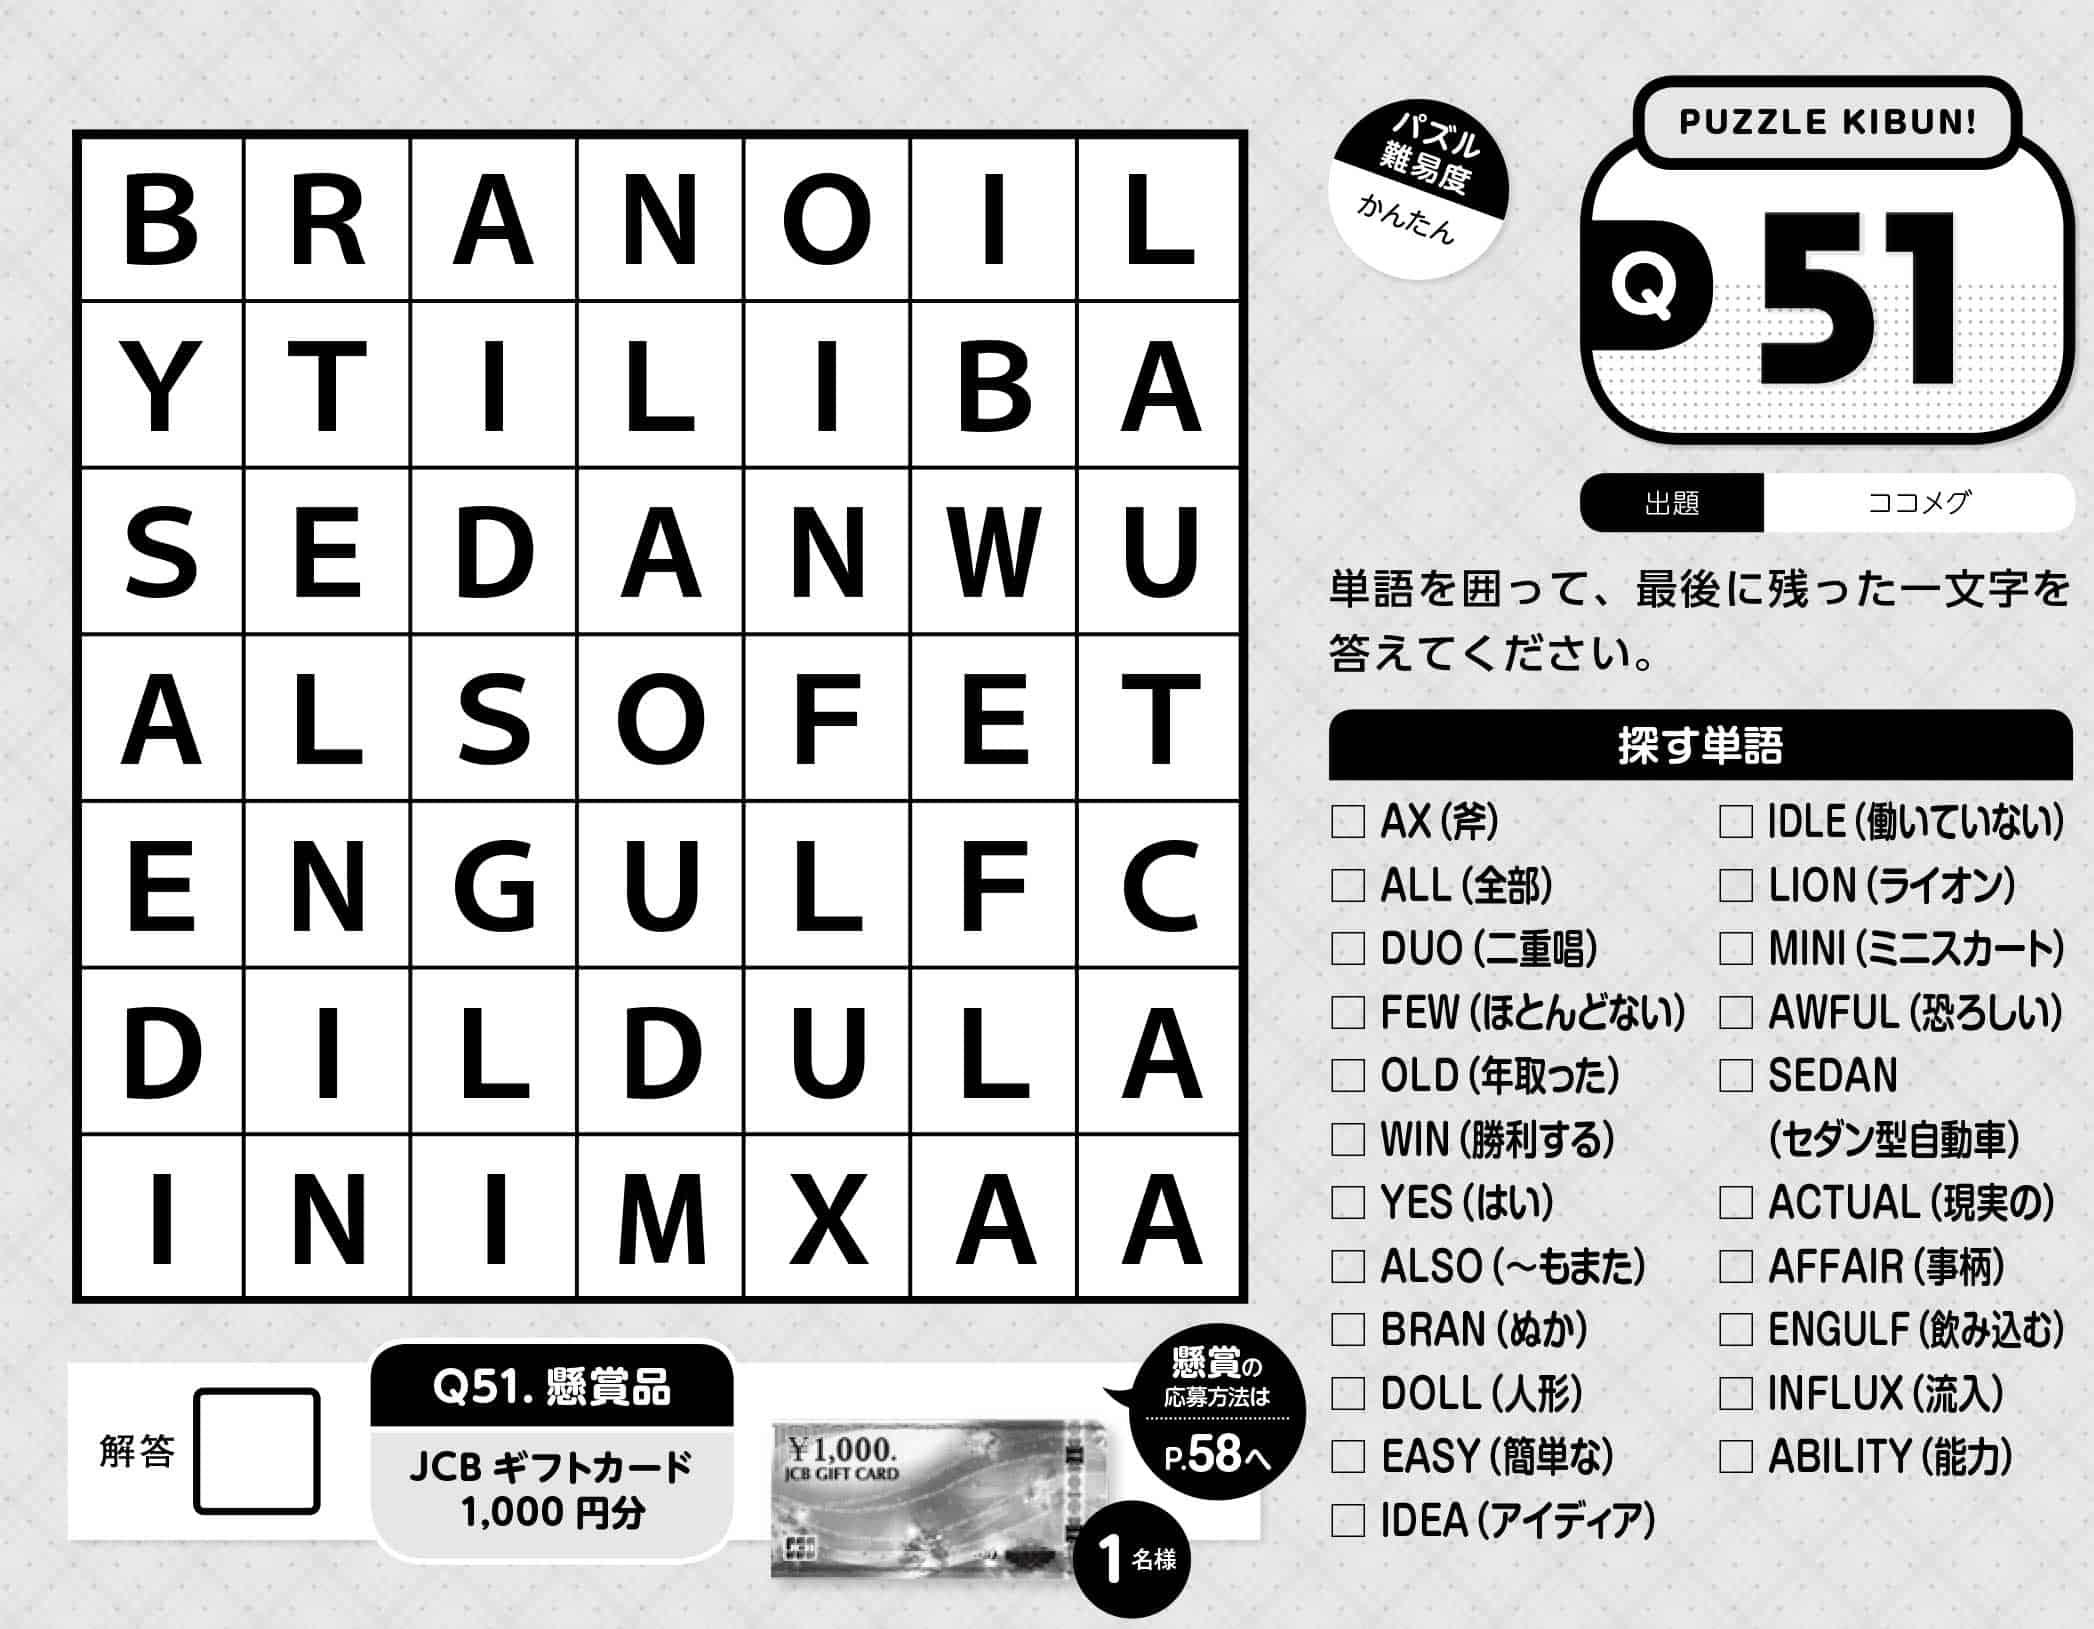 【パズルきぶん Vol.3】Q51 アルファベットでワードサーチ1